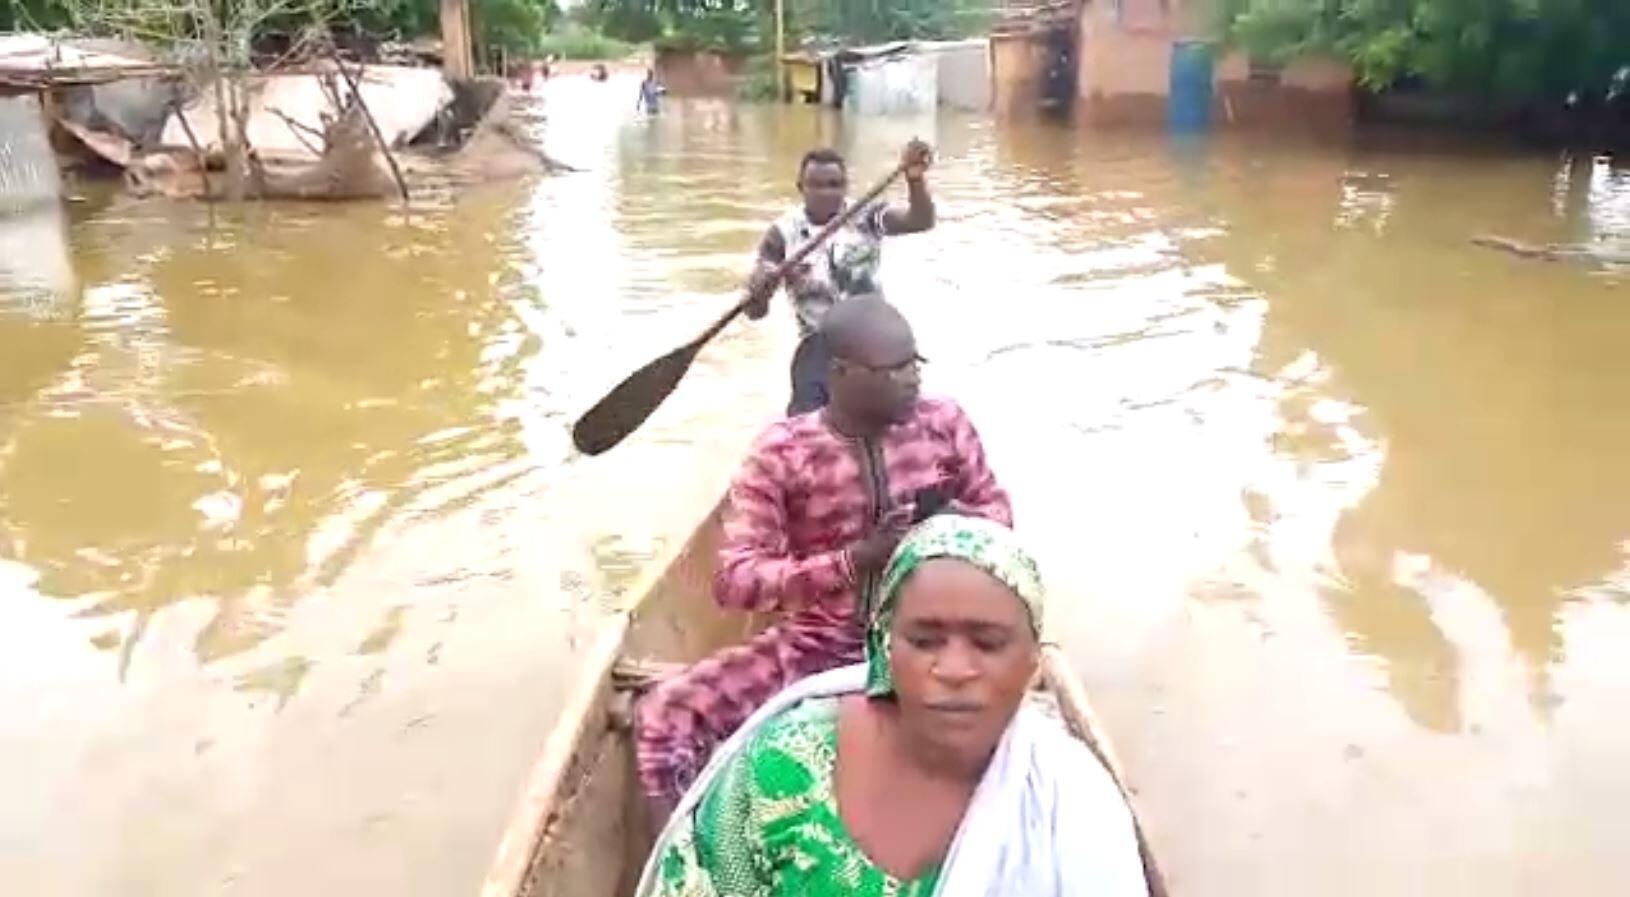 Dans le quartier Harobanda situé sur la rive droite du fleuve Niger, les habitants traversent les rues dans des barques. Captures d'écran d'une vidéo envoyée par notre Observateur.